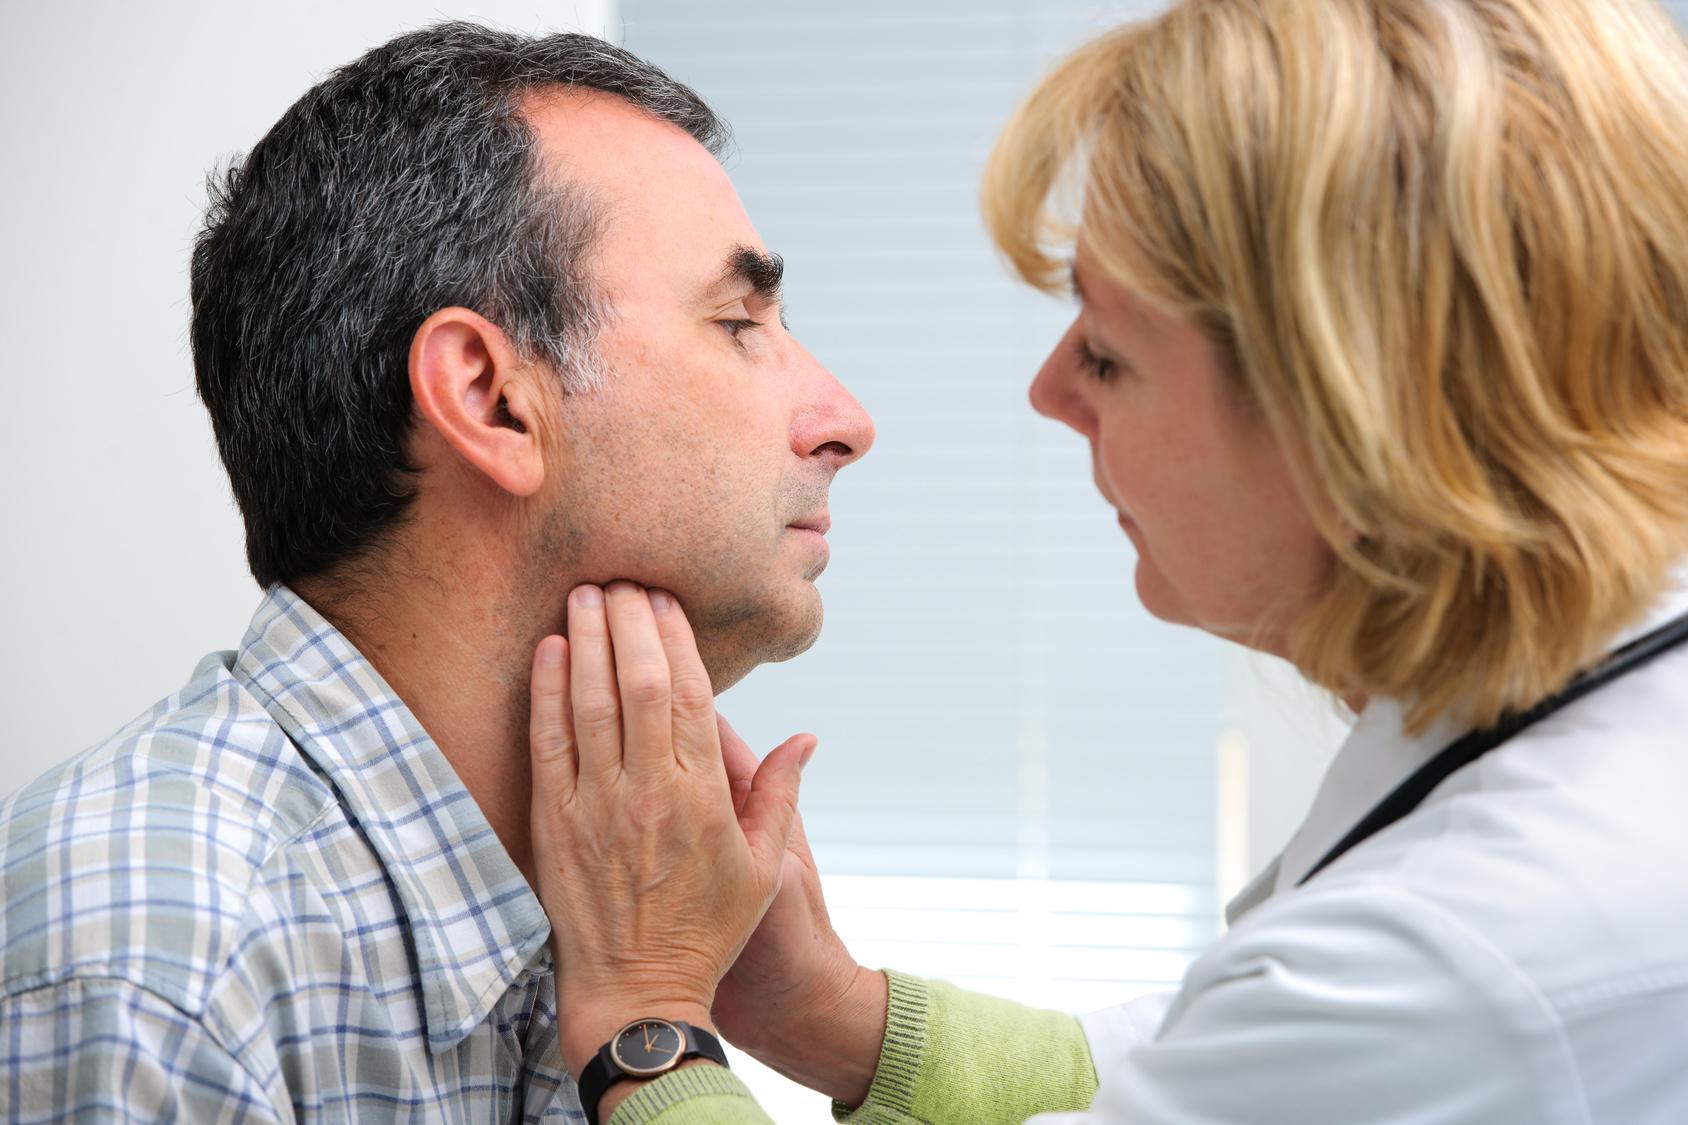 甲状腺手術を名医がすると術後合併症が半分に!